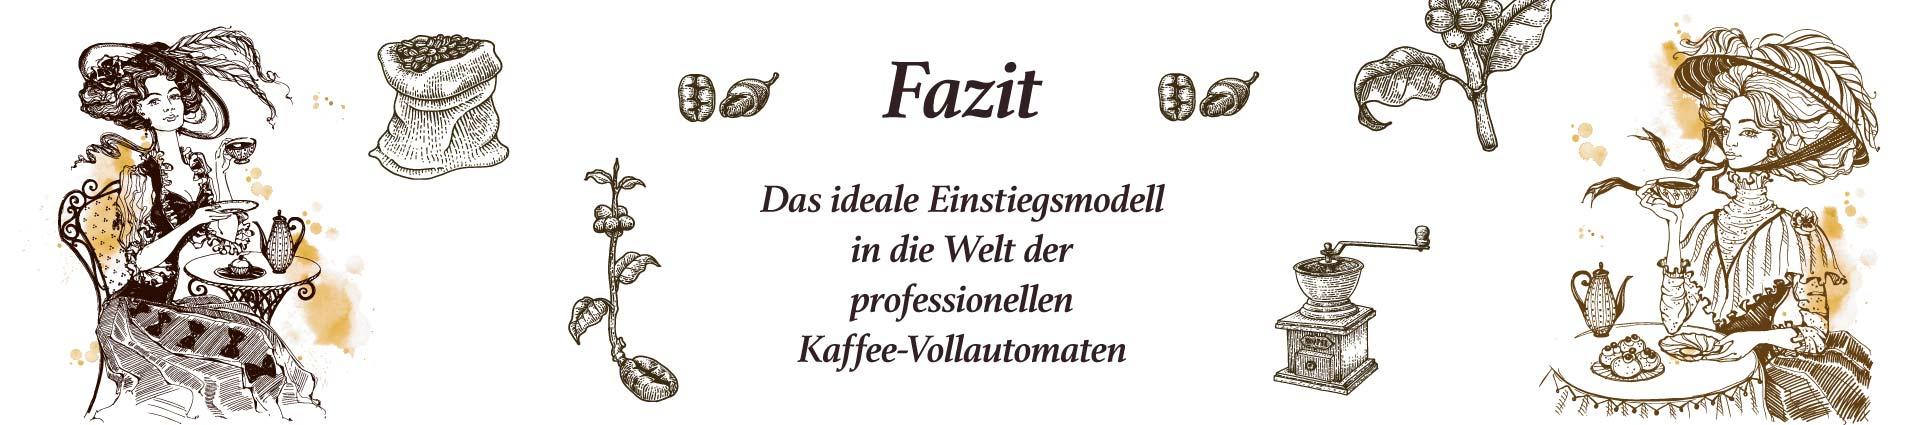 Bartscher Fazit Banner